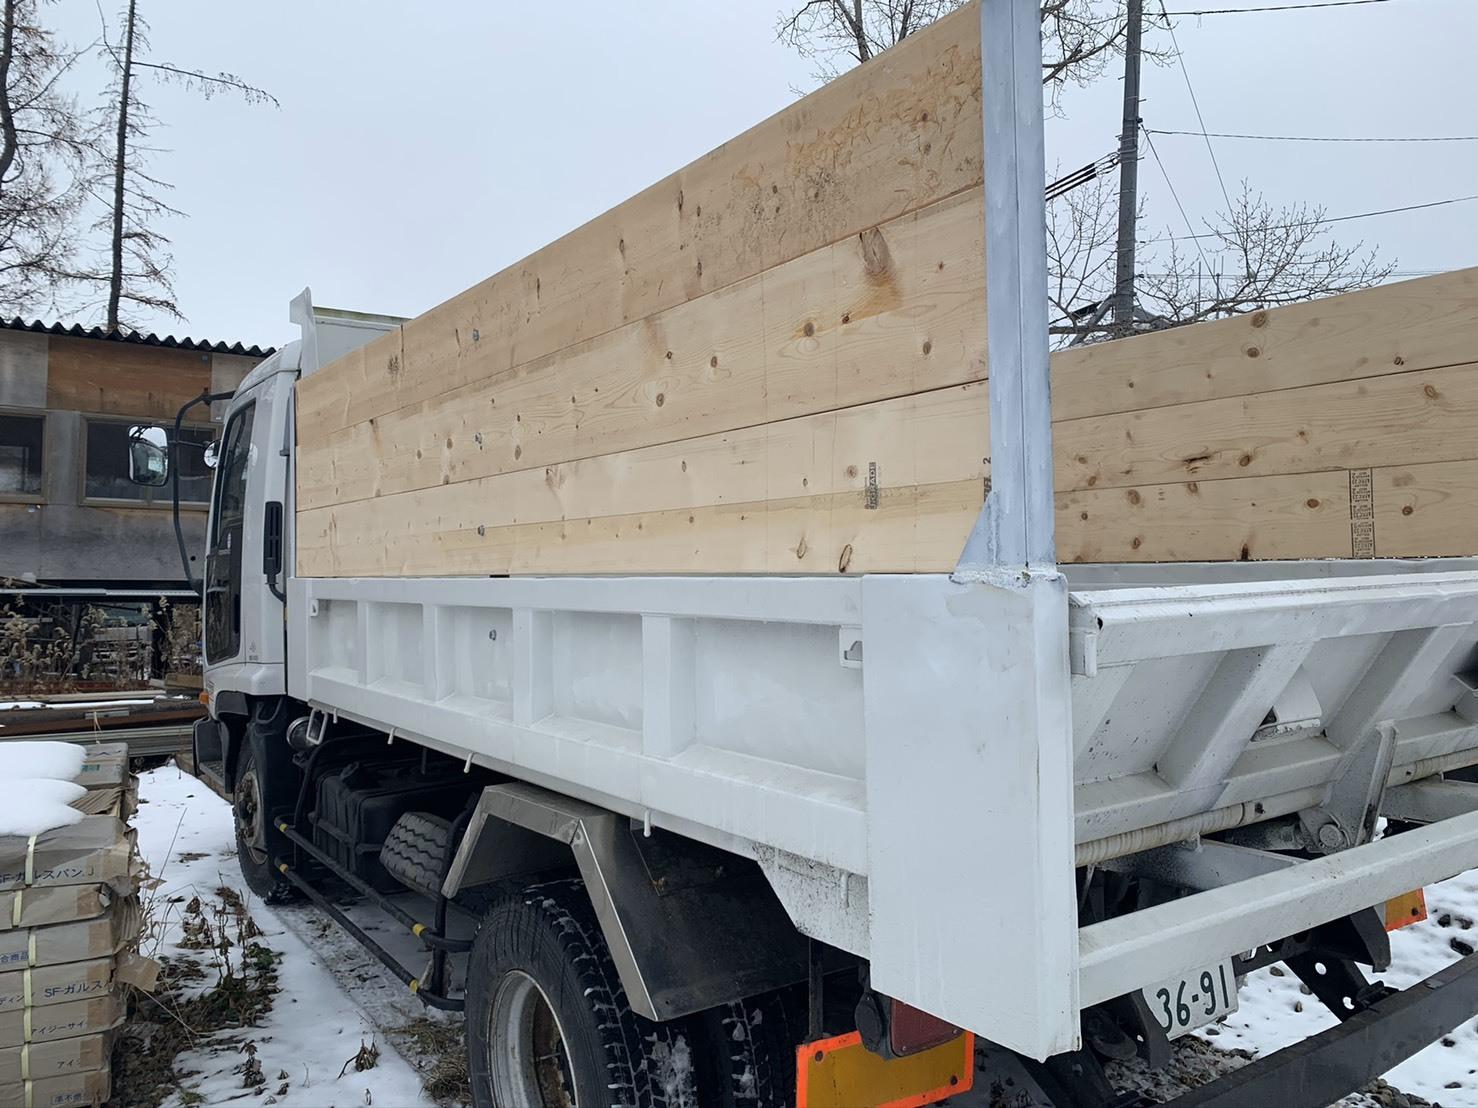 12月1日(日)🐼12月スターティン👆✨除雪車のことならトミーまで⋈。✧ ランクル エスカレード ハマー♡TOMMY♡_b0127002_16574127.jpg